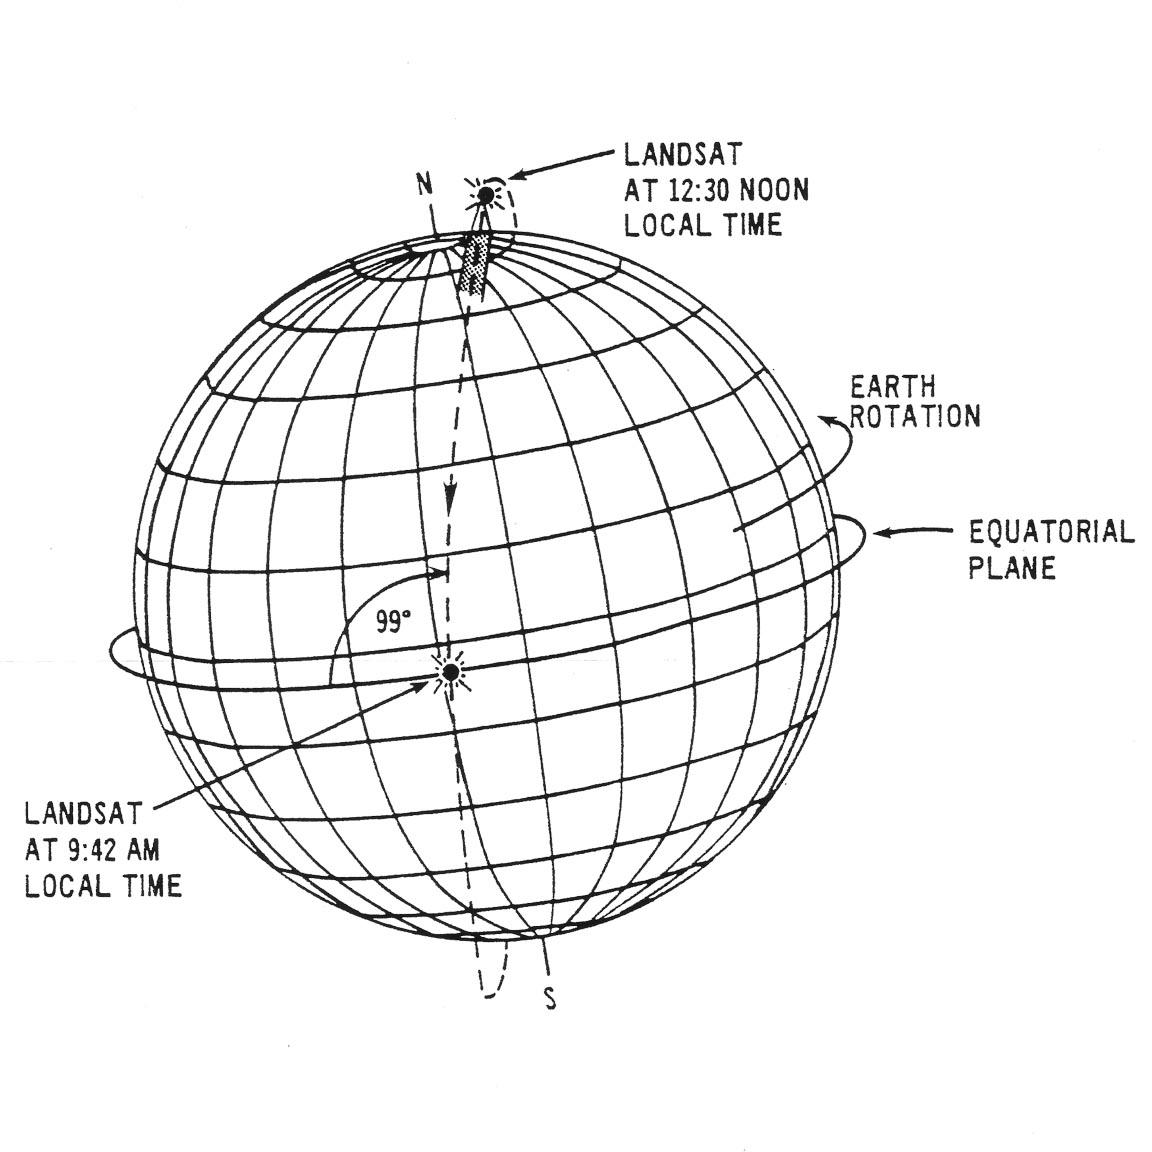 landsat spacecraft orbit  u00ab landsat science